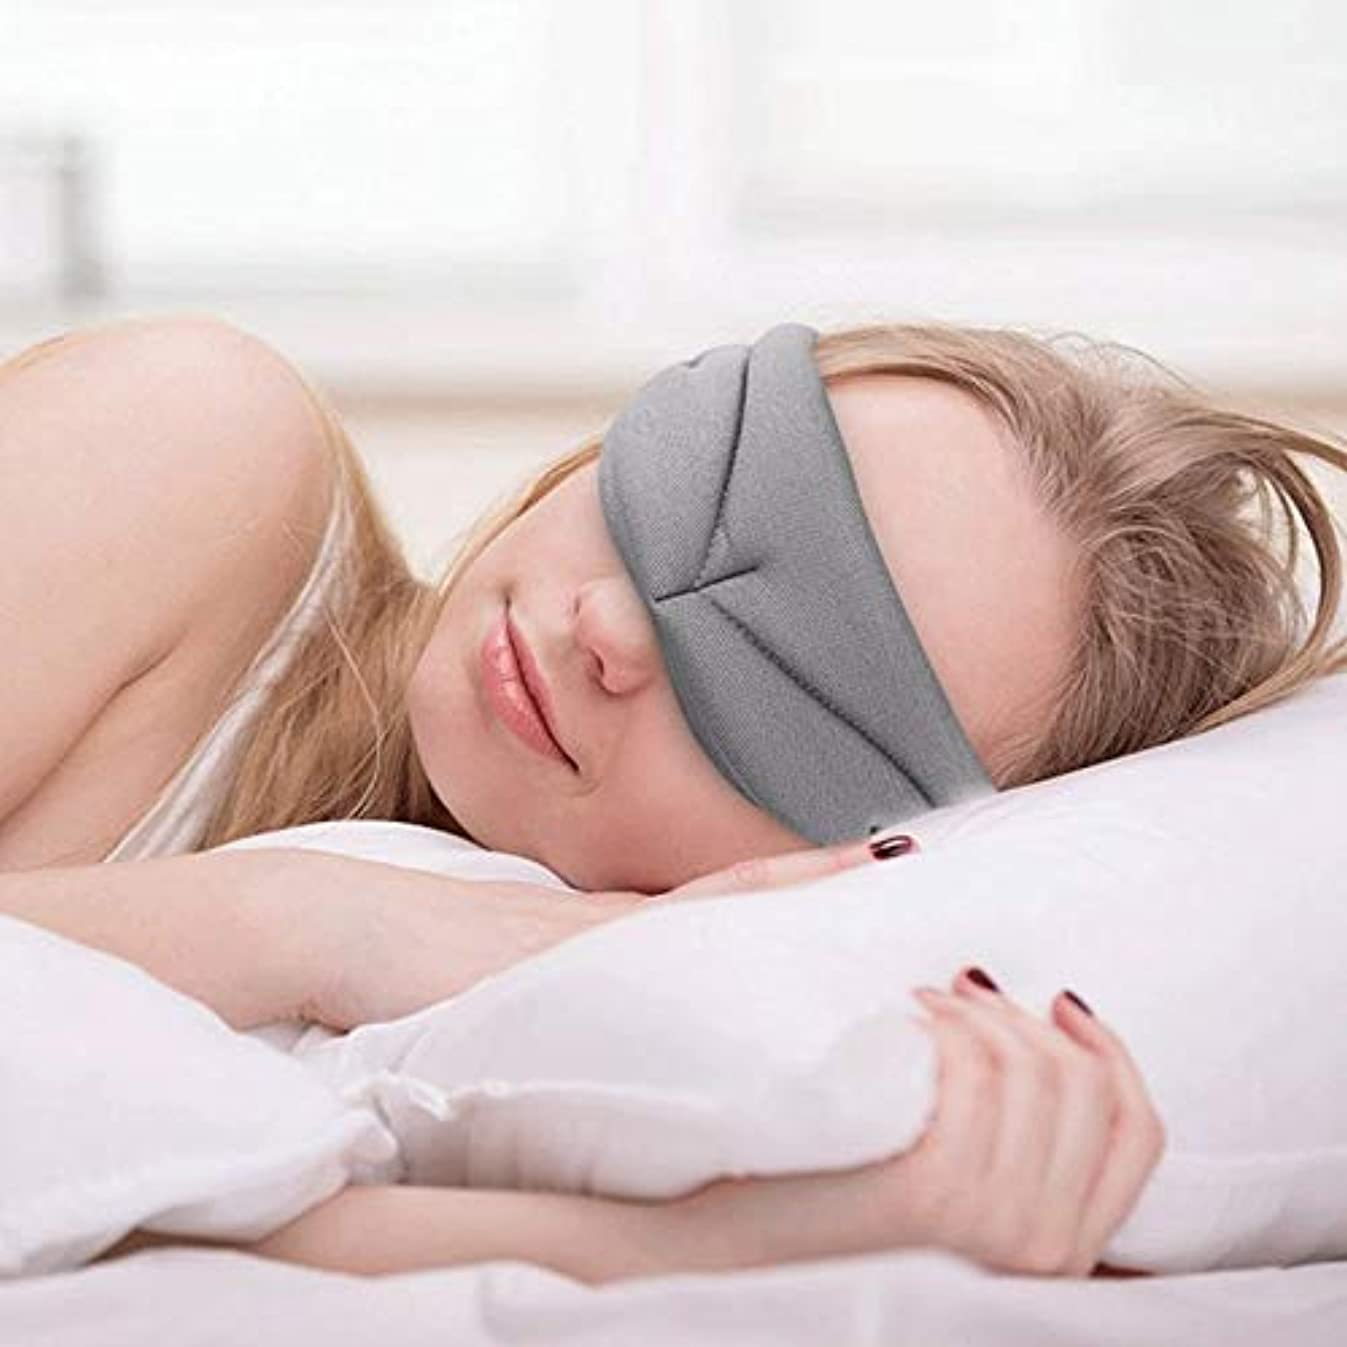 クスコプレゼンテーション計算注アイパッチ包帯睡眠アイマスク休息睡眠補助用目隠し睡眠旅行リラックス3D高級ポータブルソフトアイシェードコーブ